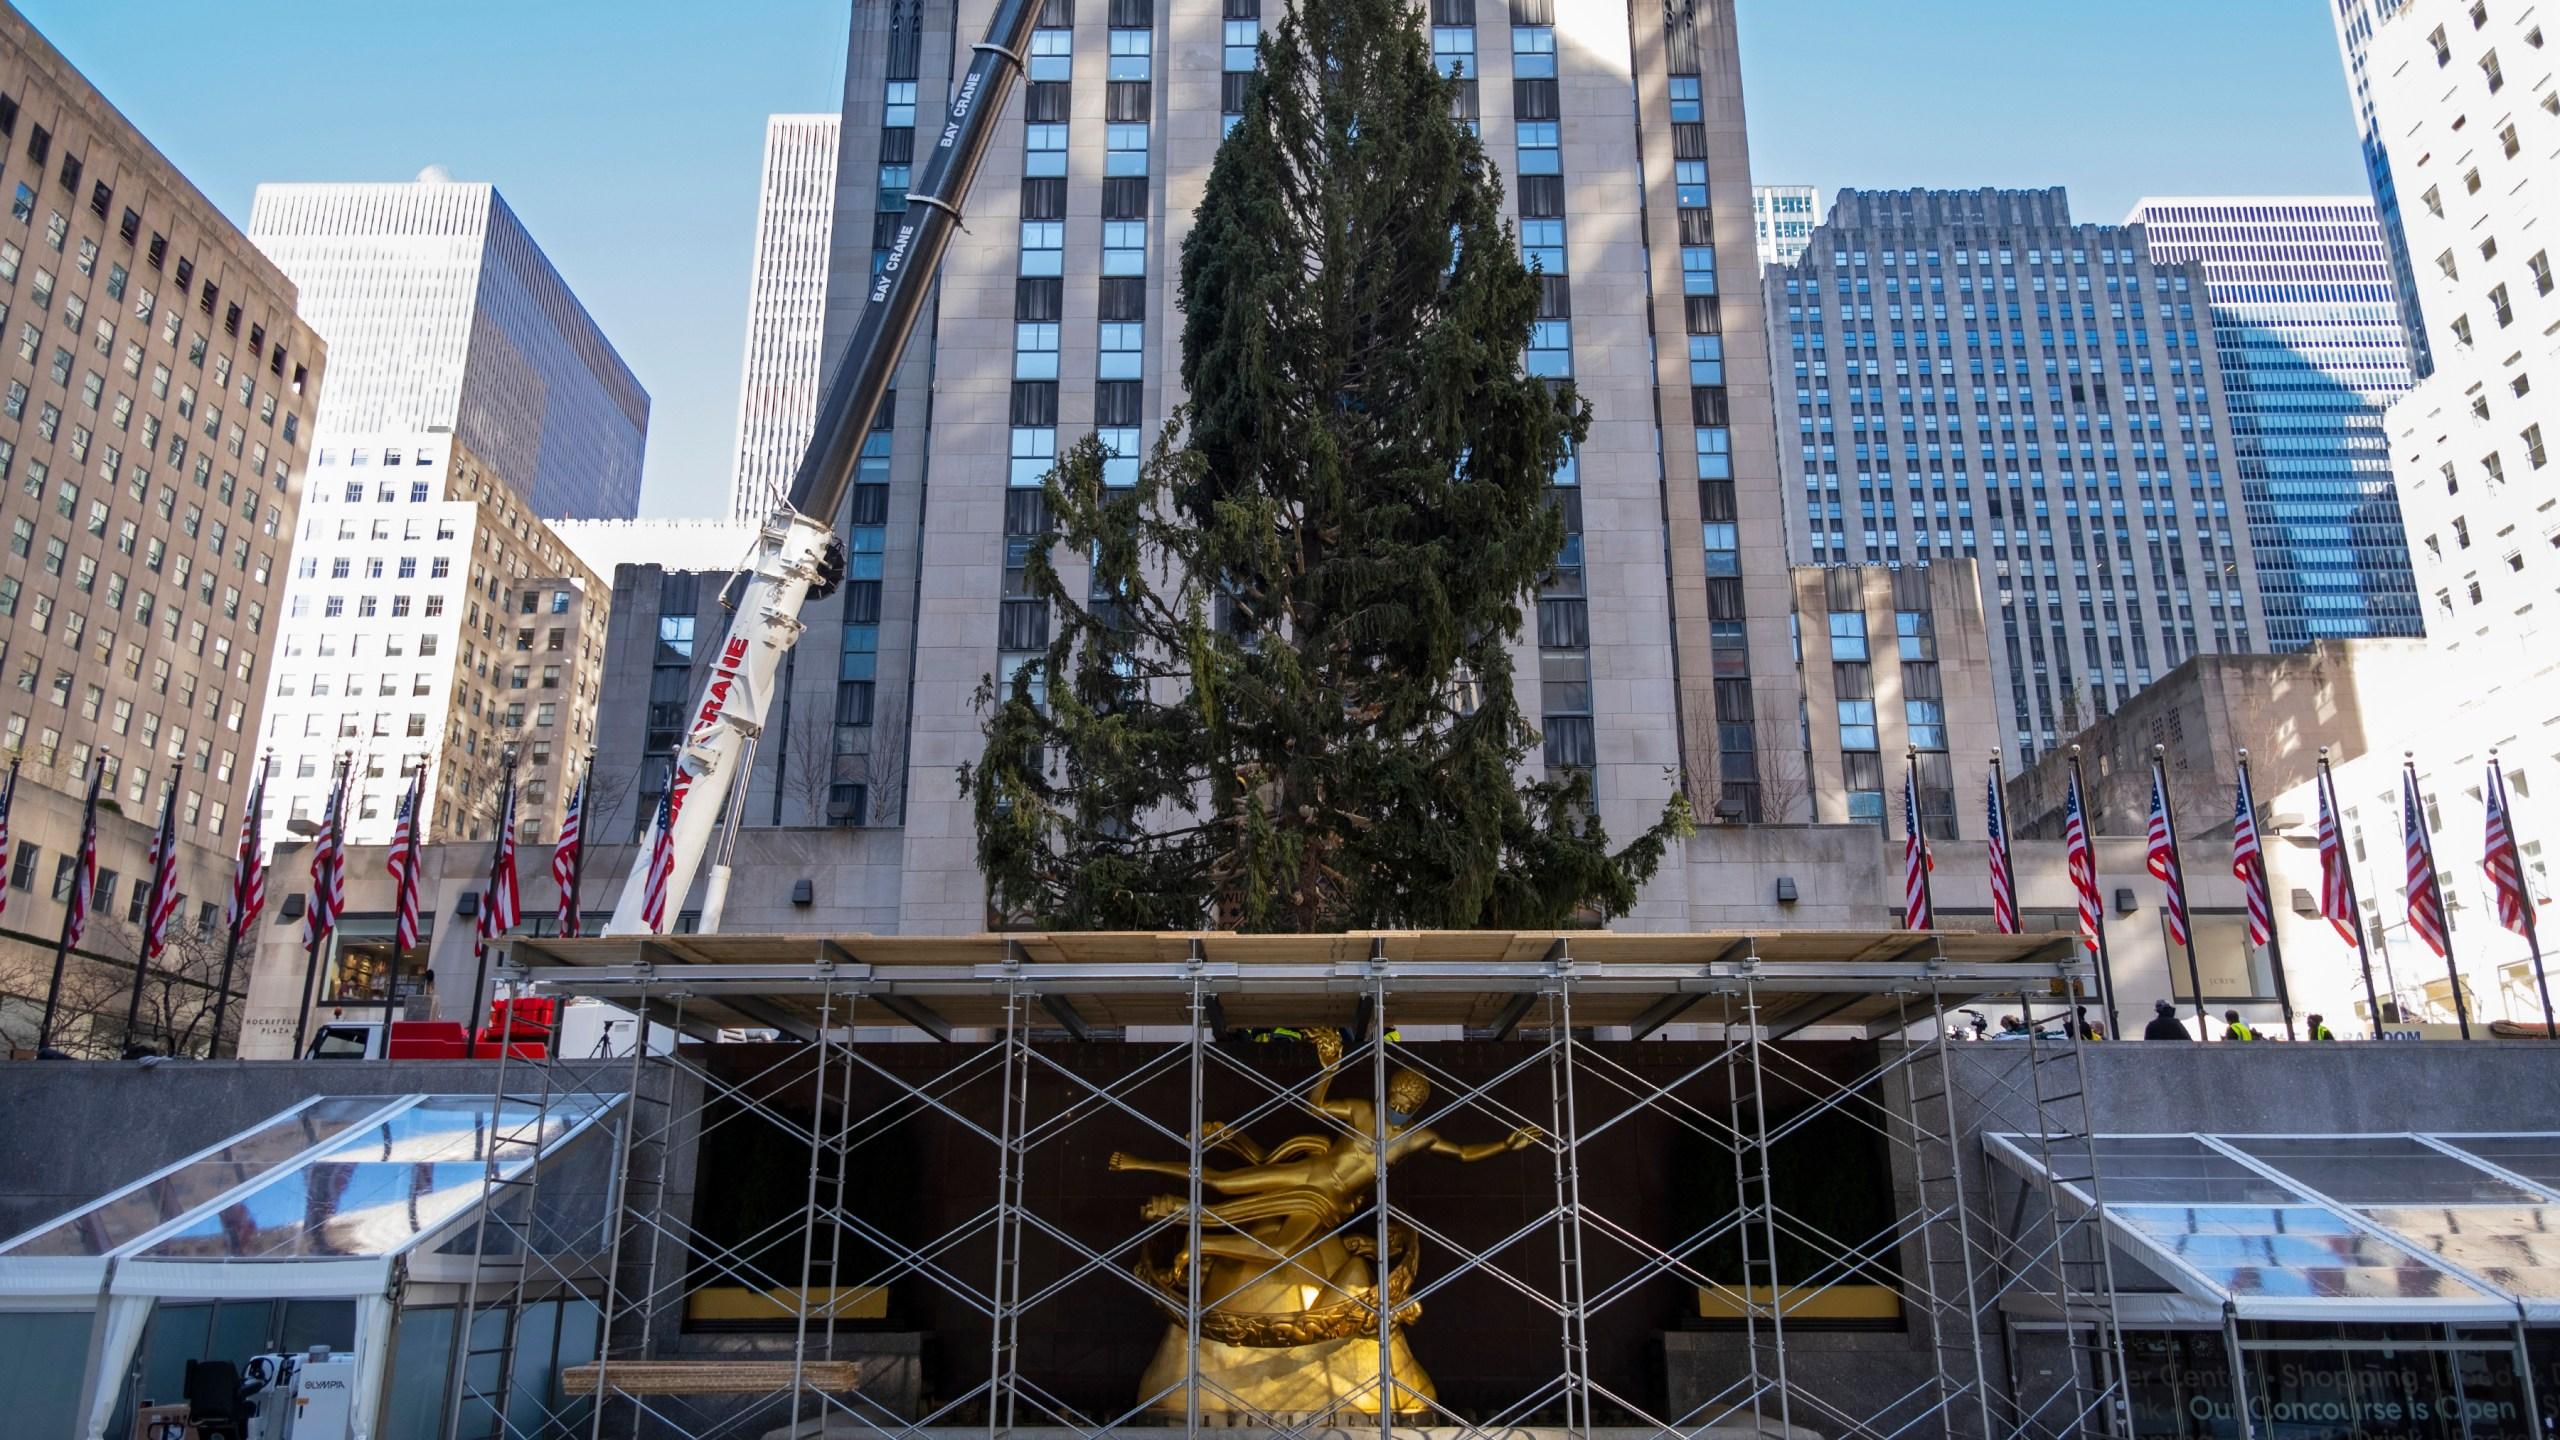 Rockefeller Christmas Tree 2020 December 8 2020 Went Dark Rockefeller Center Christmas tree goes up; lighting Dec. 2 – KSNF